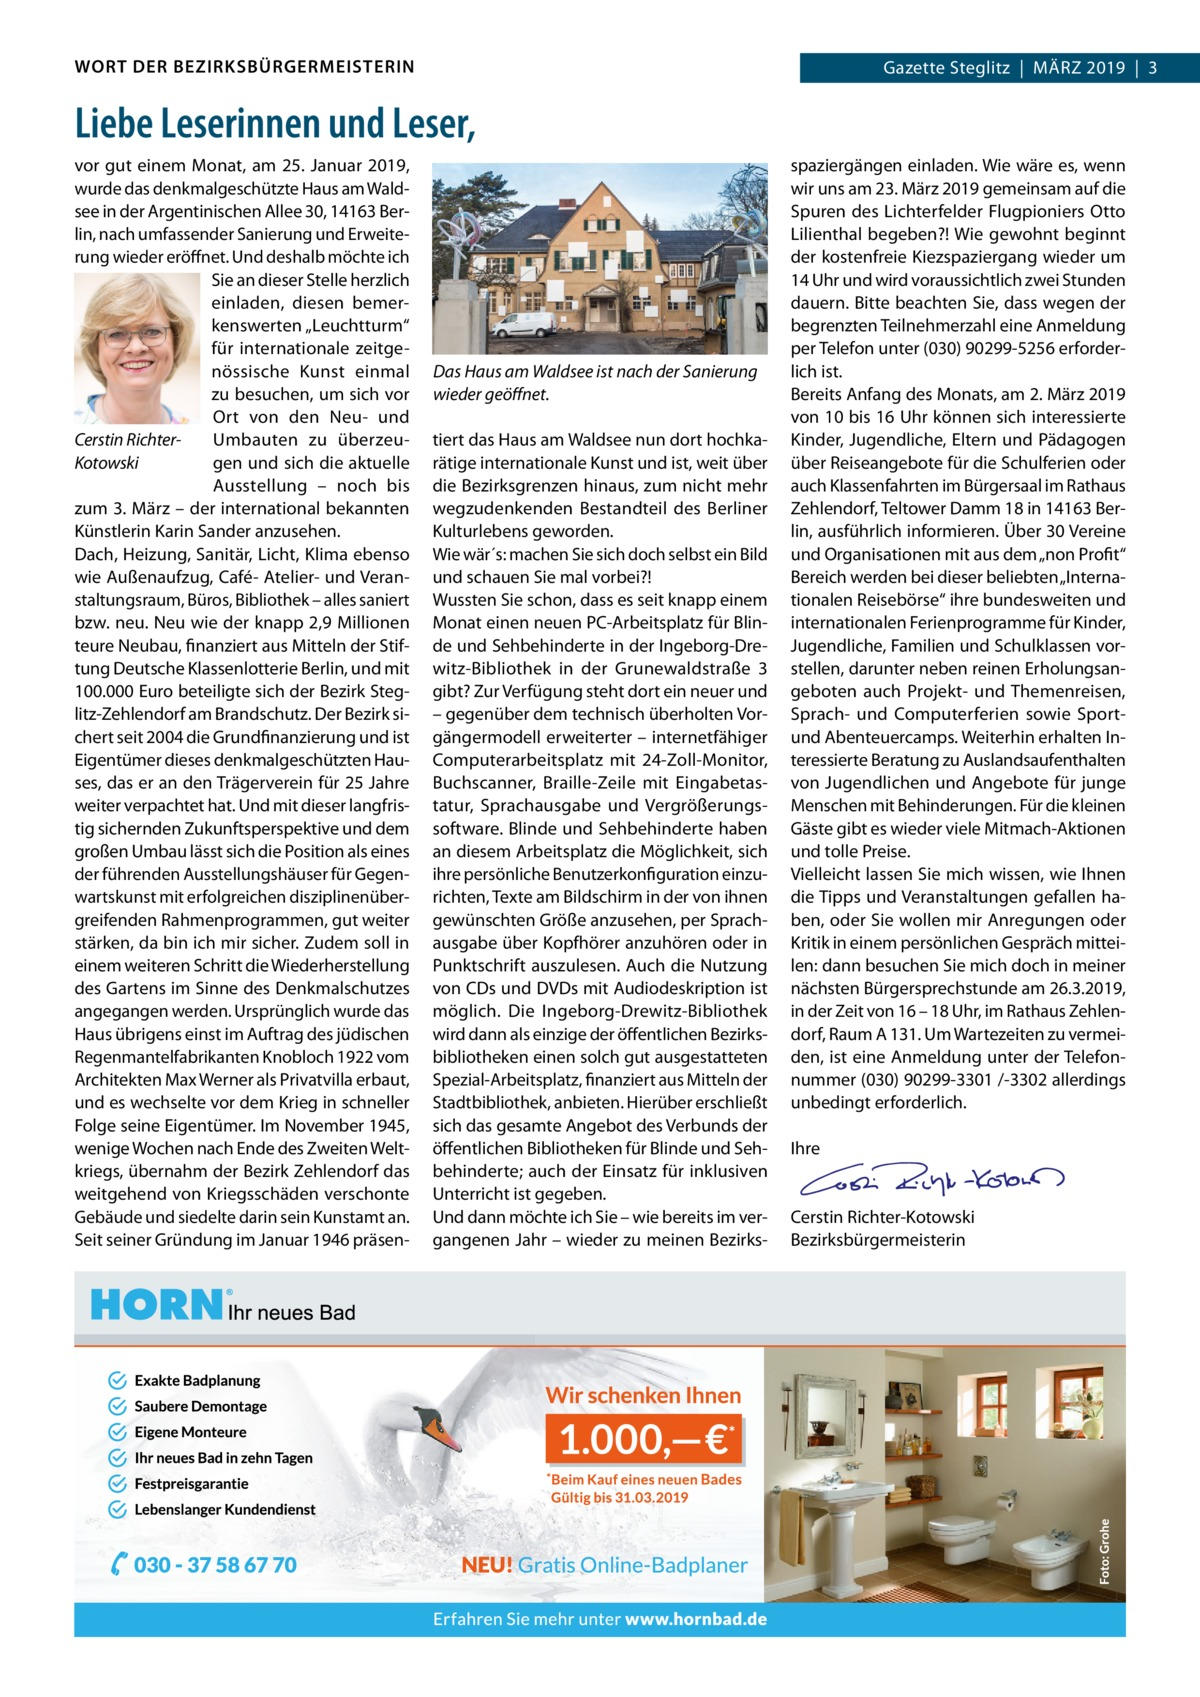 """WORT DER BEZIRKSBÜRGERMEISTERIN  Gazette Gazette Zehlendorf MärZ Steglitz März 2019 1 2019 3  Liebe Leserinnen und Leser, vor gut einem Monat, am 25.Januar 2019, wurde das denkmalgeschützte Haus am Waldsee in der Argentinischen Allee30, 14163Berlin, nach umfassender Sanierung und Erweiterung wieder eröffnet. Und deshalb möchte ich Sie an dieser Stelle herzlich einladen, diesen bemerkenswerten """"Leuchtturm"""" für internationale zeitgenössische Kunst einmal zu besuchen, um sich vor Ort von den Neu- und Umbauten zu überzeuCerstin Richtergen und sich die aktuelle Kotowski Ausstellung – noch bis zum 3.März – der international bekannten Künstlerin Karin Sander anzusehen. Dach, Heizung, Sanitär, Licht, Klima ebenso wie Außenaufzug, Café- Atelier- und Veranstaltungsraum, Büros, Bibliothek – alles saniert bzw. neu. Neu wie der knapp 2,9Millionen teure Neubau, finanziert aus Mitteln der Stiftung Deutsche Klassenlotterie Berlin, und mit 100.000Euro beteiligte sich der Bezirk Steglitz-Zehlendorf am Brandschutz. Der Bezirk sichert seit 2004 die Grundfinanzierung und ist Eigentümer dieses denkmalgeschützten Hauses, das er an den Trägerverein für 25Jahre weiter verpachtet hat. Und mit dieser langfristig sichernden Zukunftsperspektive und dem großen Umbau lässt sich die Position als eines der führenden Ausstellungshäuser für Gegenwartskunst mit erfolgreichen disziplinenübergreifenden rahmenprogrammen, gut weiter stärken, da bin ich mir sicher. Zudem soll in einem weiteren Schritt die Wiederherstellung des Gartens im Sinne des Denkmalschutzes angegangen werden. Ursprünglich wurde das Haus übrigens einst im Auftrag des jüdischen regenmantelfabrikanten Knobloch 1922 vom Architekten Max Werner als Privatvilla erbaut, und es wechselte vor dem Krieg in schneller Folge seine Eigentümer. Im November 1945, wenige Wochen nach Ende des Zweiten Weltkriegs, übernahm der Bezirk Zehlendorf das weitgehend von Kriegsschäden verschonte Gebäude und siedelte darin sein Kunstamt an. Seit seiner Gründung i"""